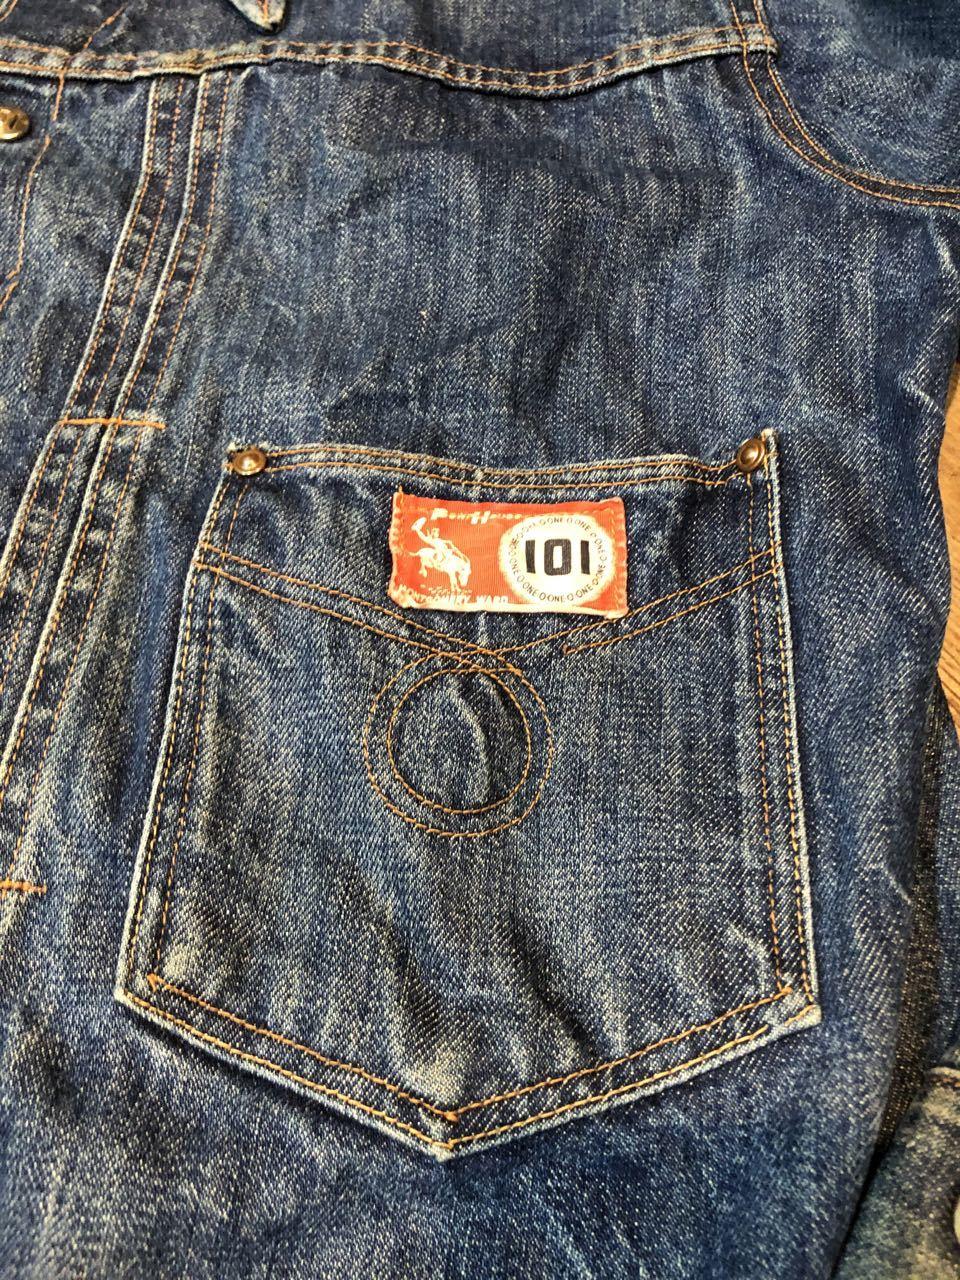 7月27日(月)入荷!60s mongomeryward モンゴメリーワード 101 denim Jacket!_c0144020_14521997.jpg